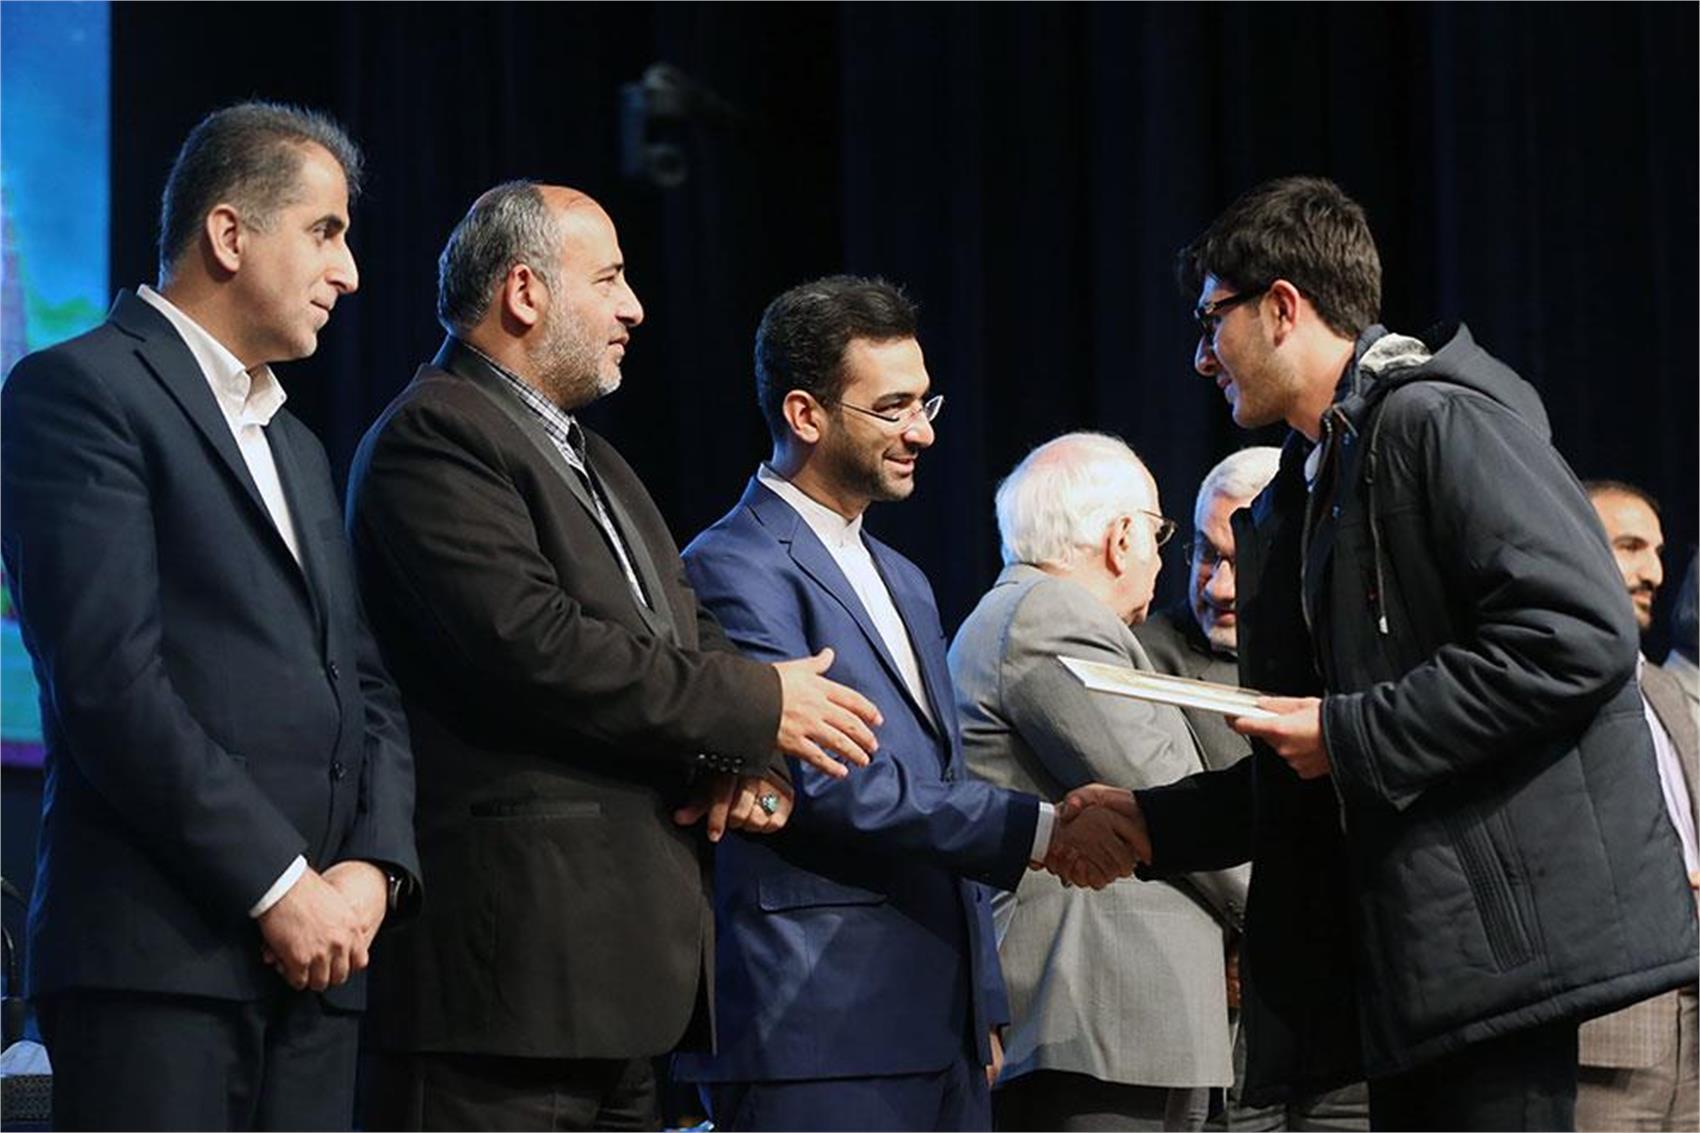 برگزیدگان رقابت دانشجویی طراحی و ساخت ماهواره مکعب ایرانی معرفی شدند